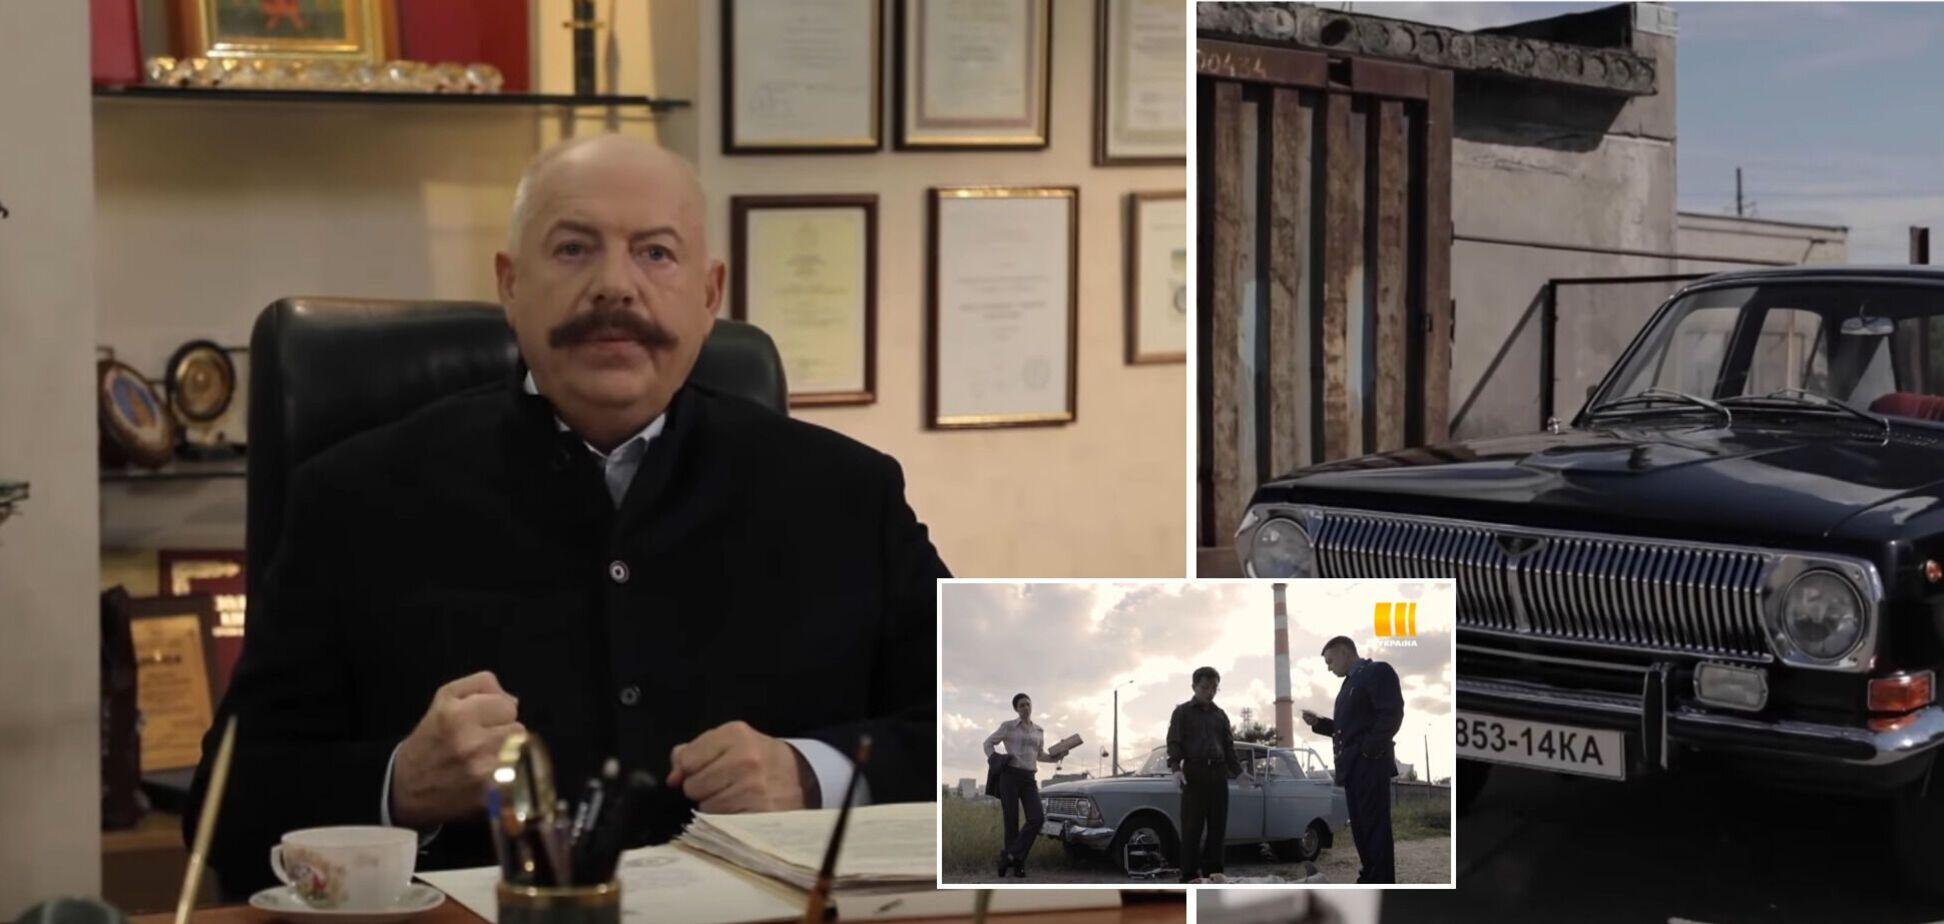 Піскун у 'Ході прокурора' розповів історію серійних убивств таксистів у Києві: злочинці отримали пожиттєве. Відео